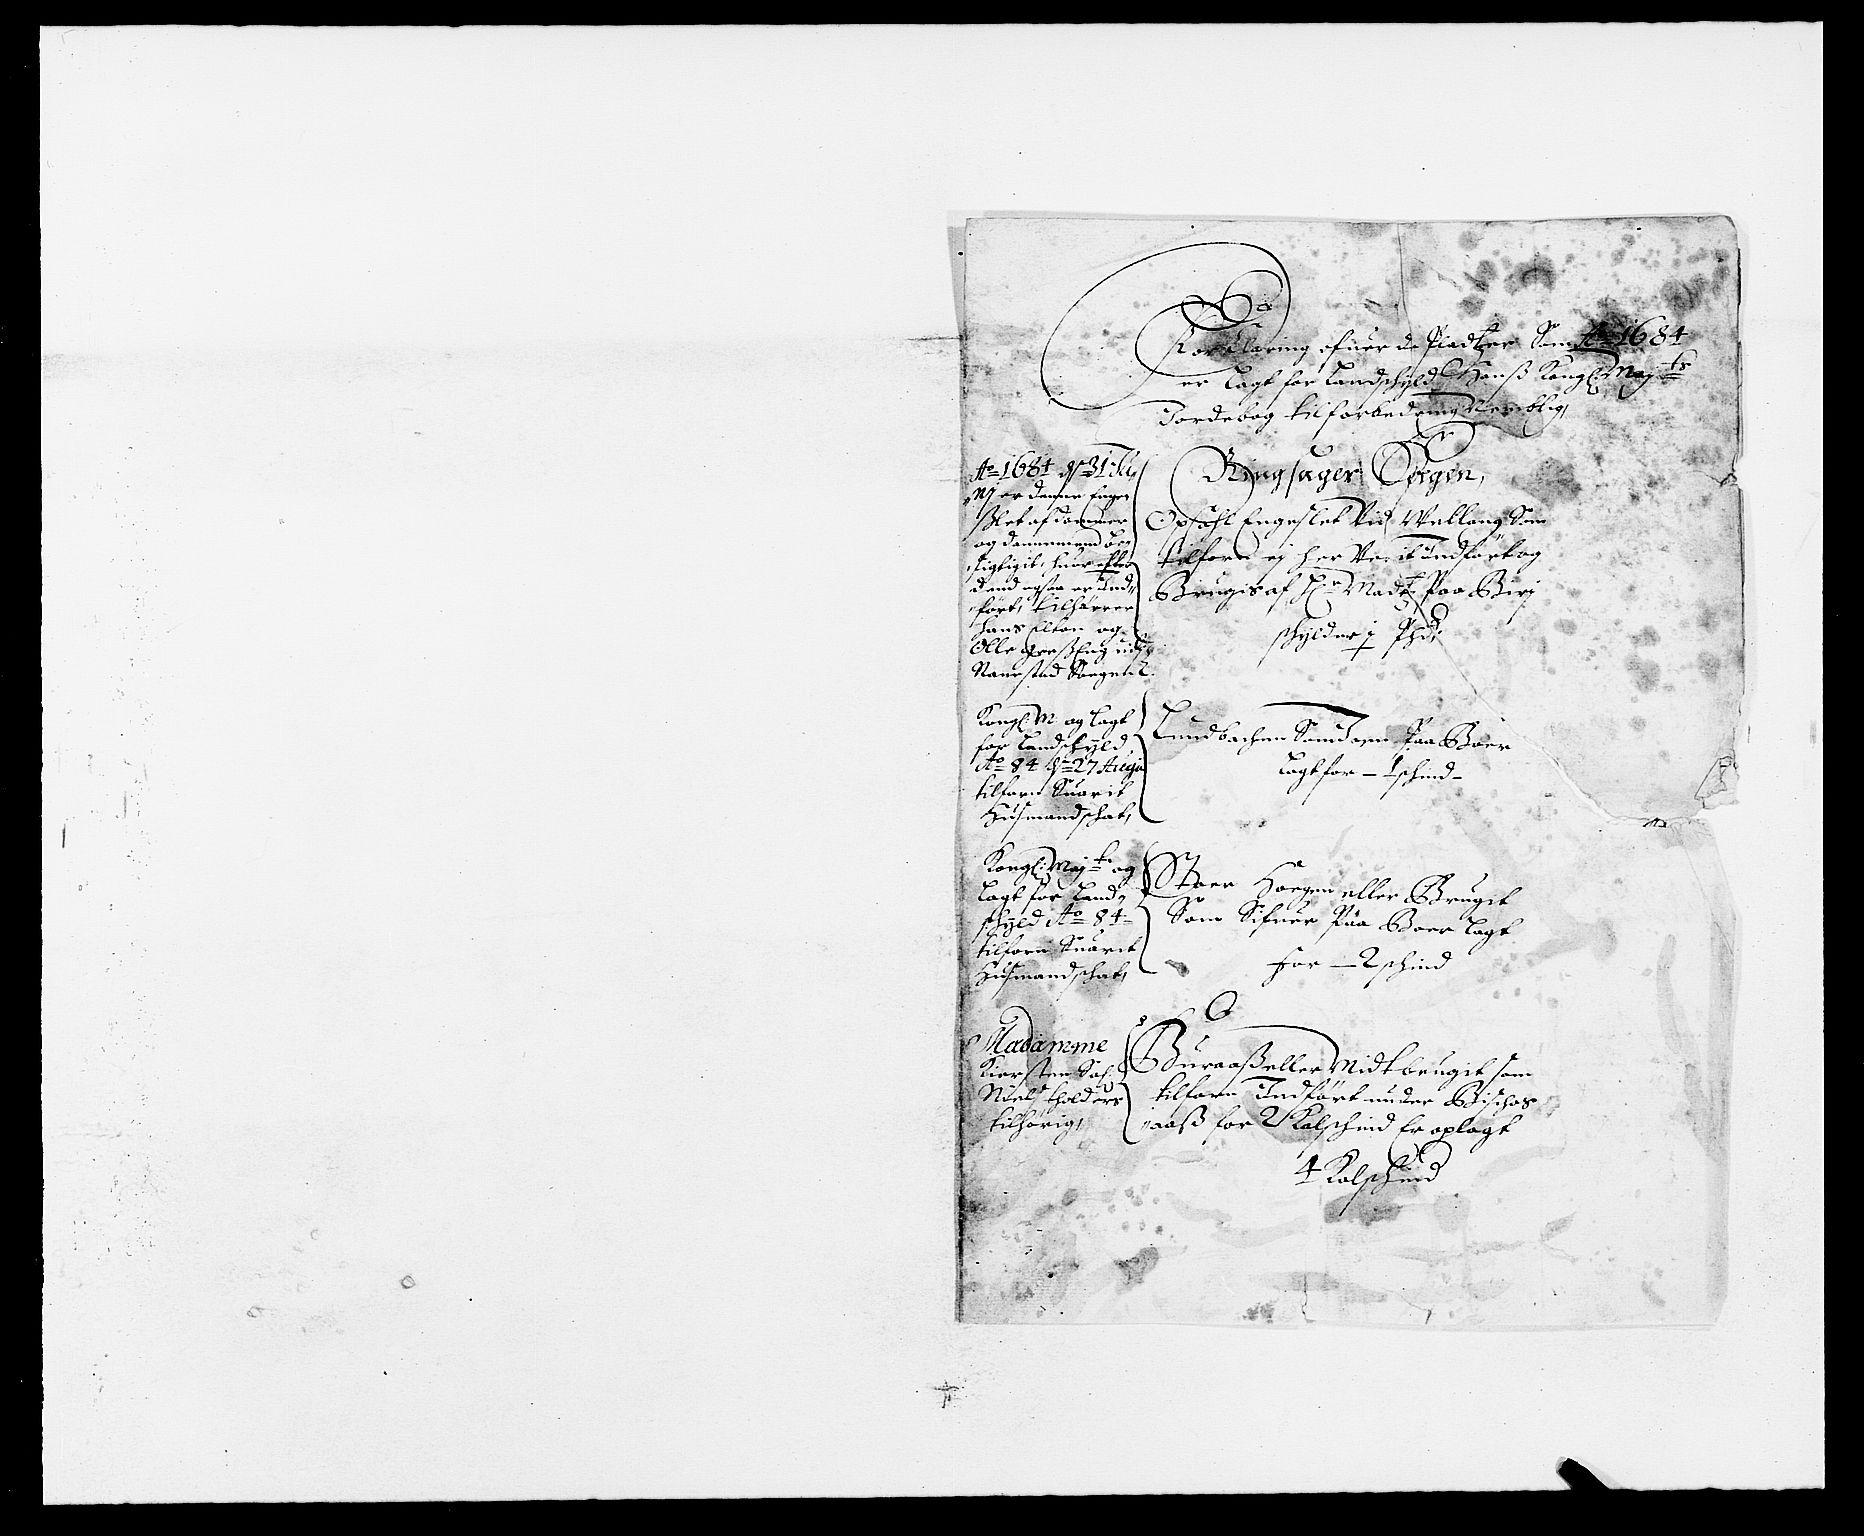 RA, Rentekammeret inntil 1814, Reviderte regnskaper, Fogderegnskap, R16/L1025: Fogderegnskap Hedmark, 1684, s. 16